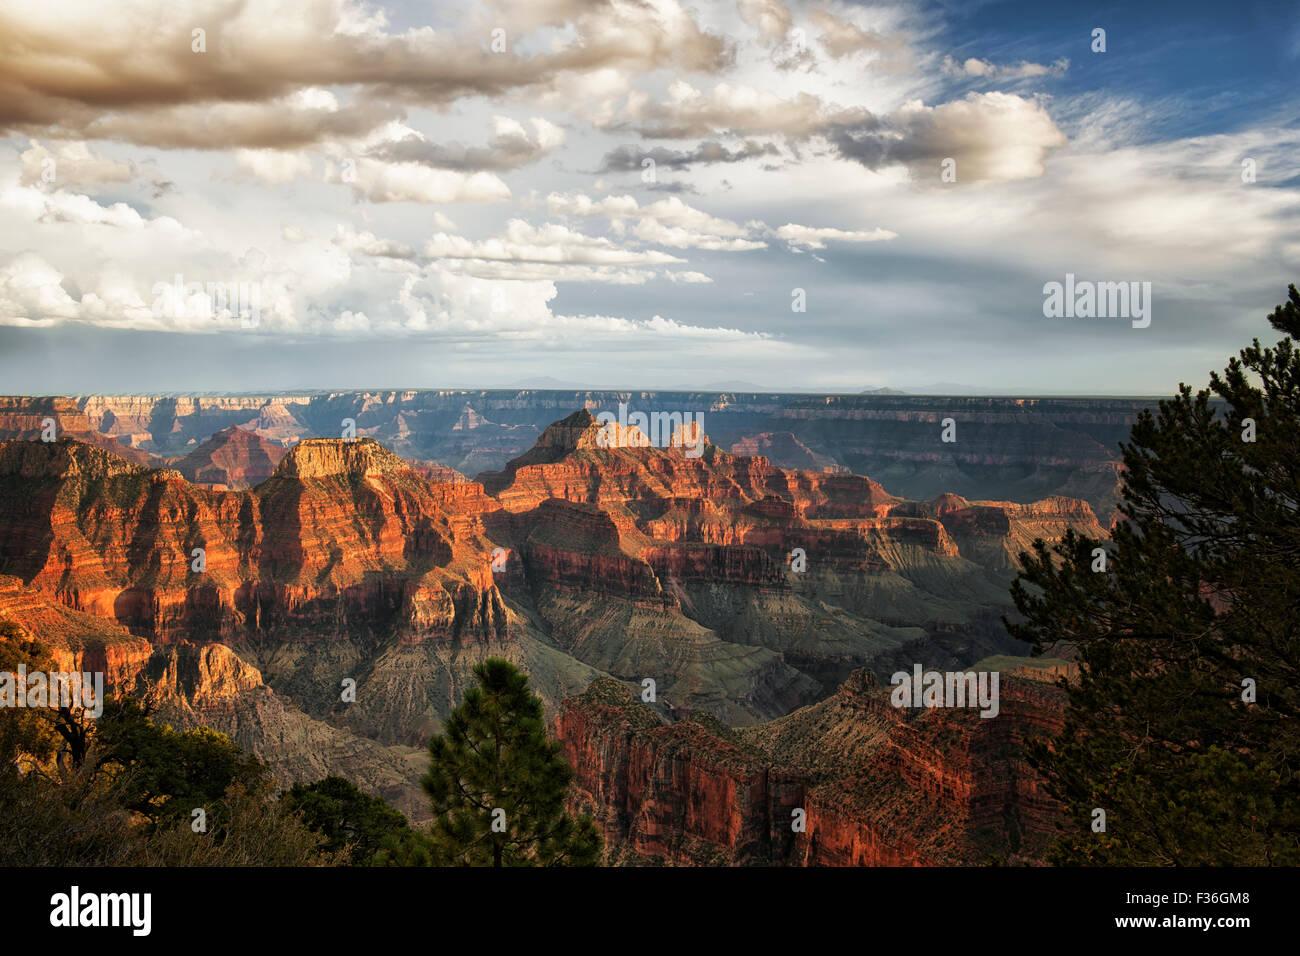 Sommer Wolken Abend Sturm über die drei Tempel und der North Rim von Arizona Grand Canyon National Park. Stockbild